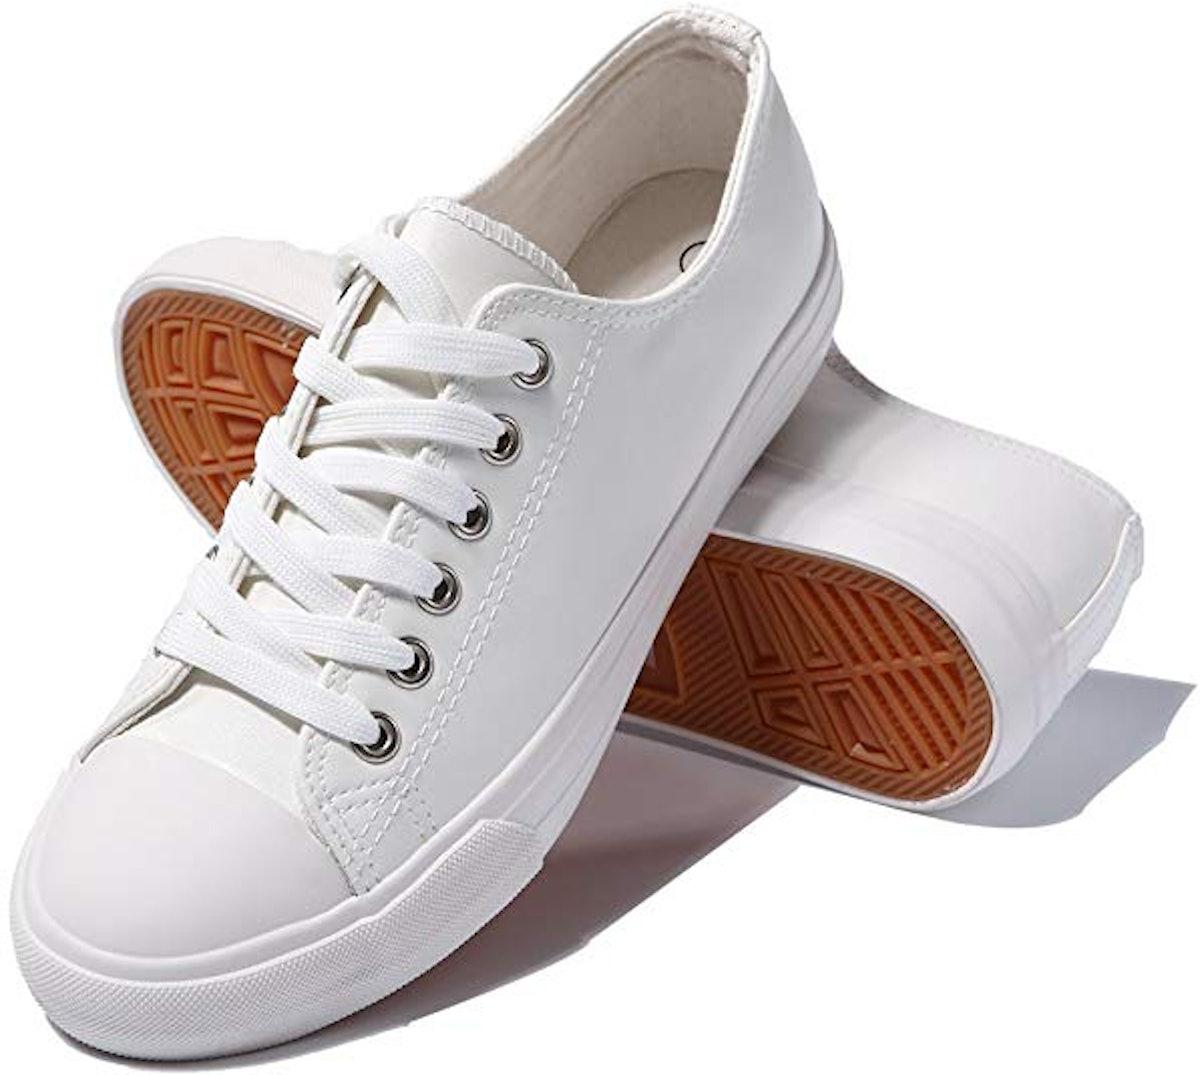 AOMAIS Low-Top Shoes